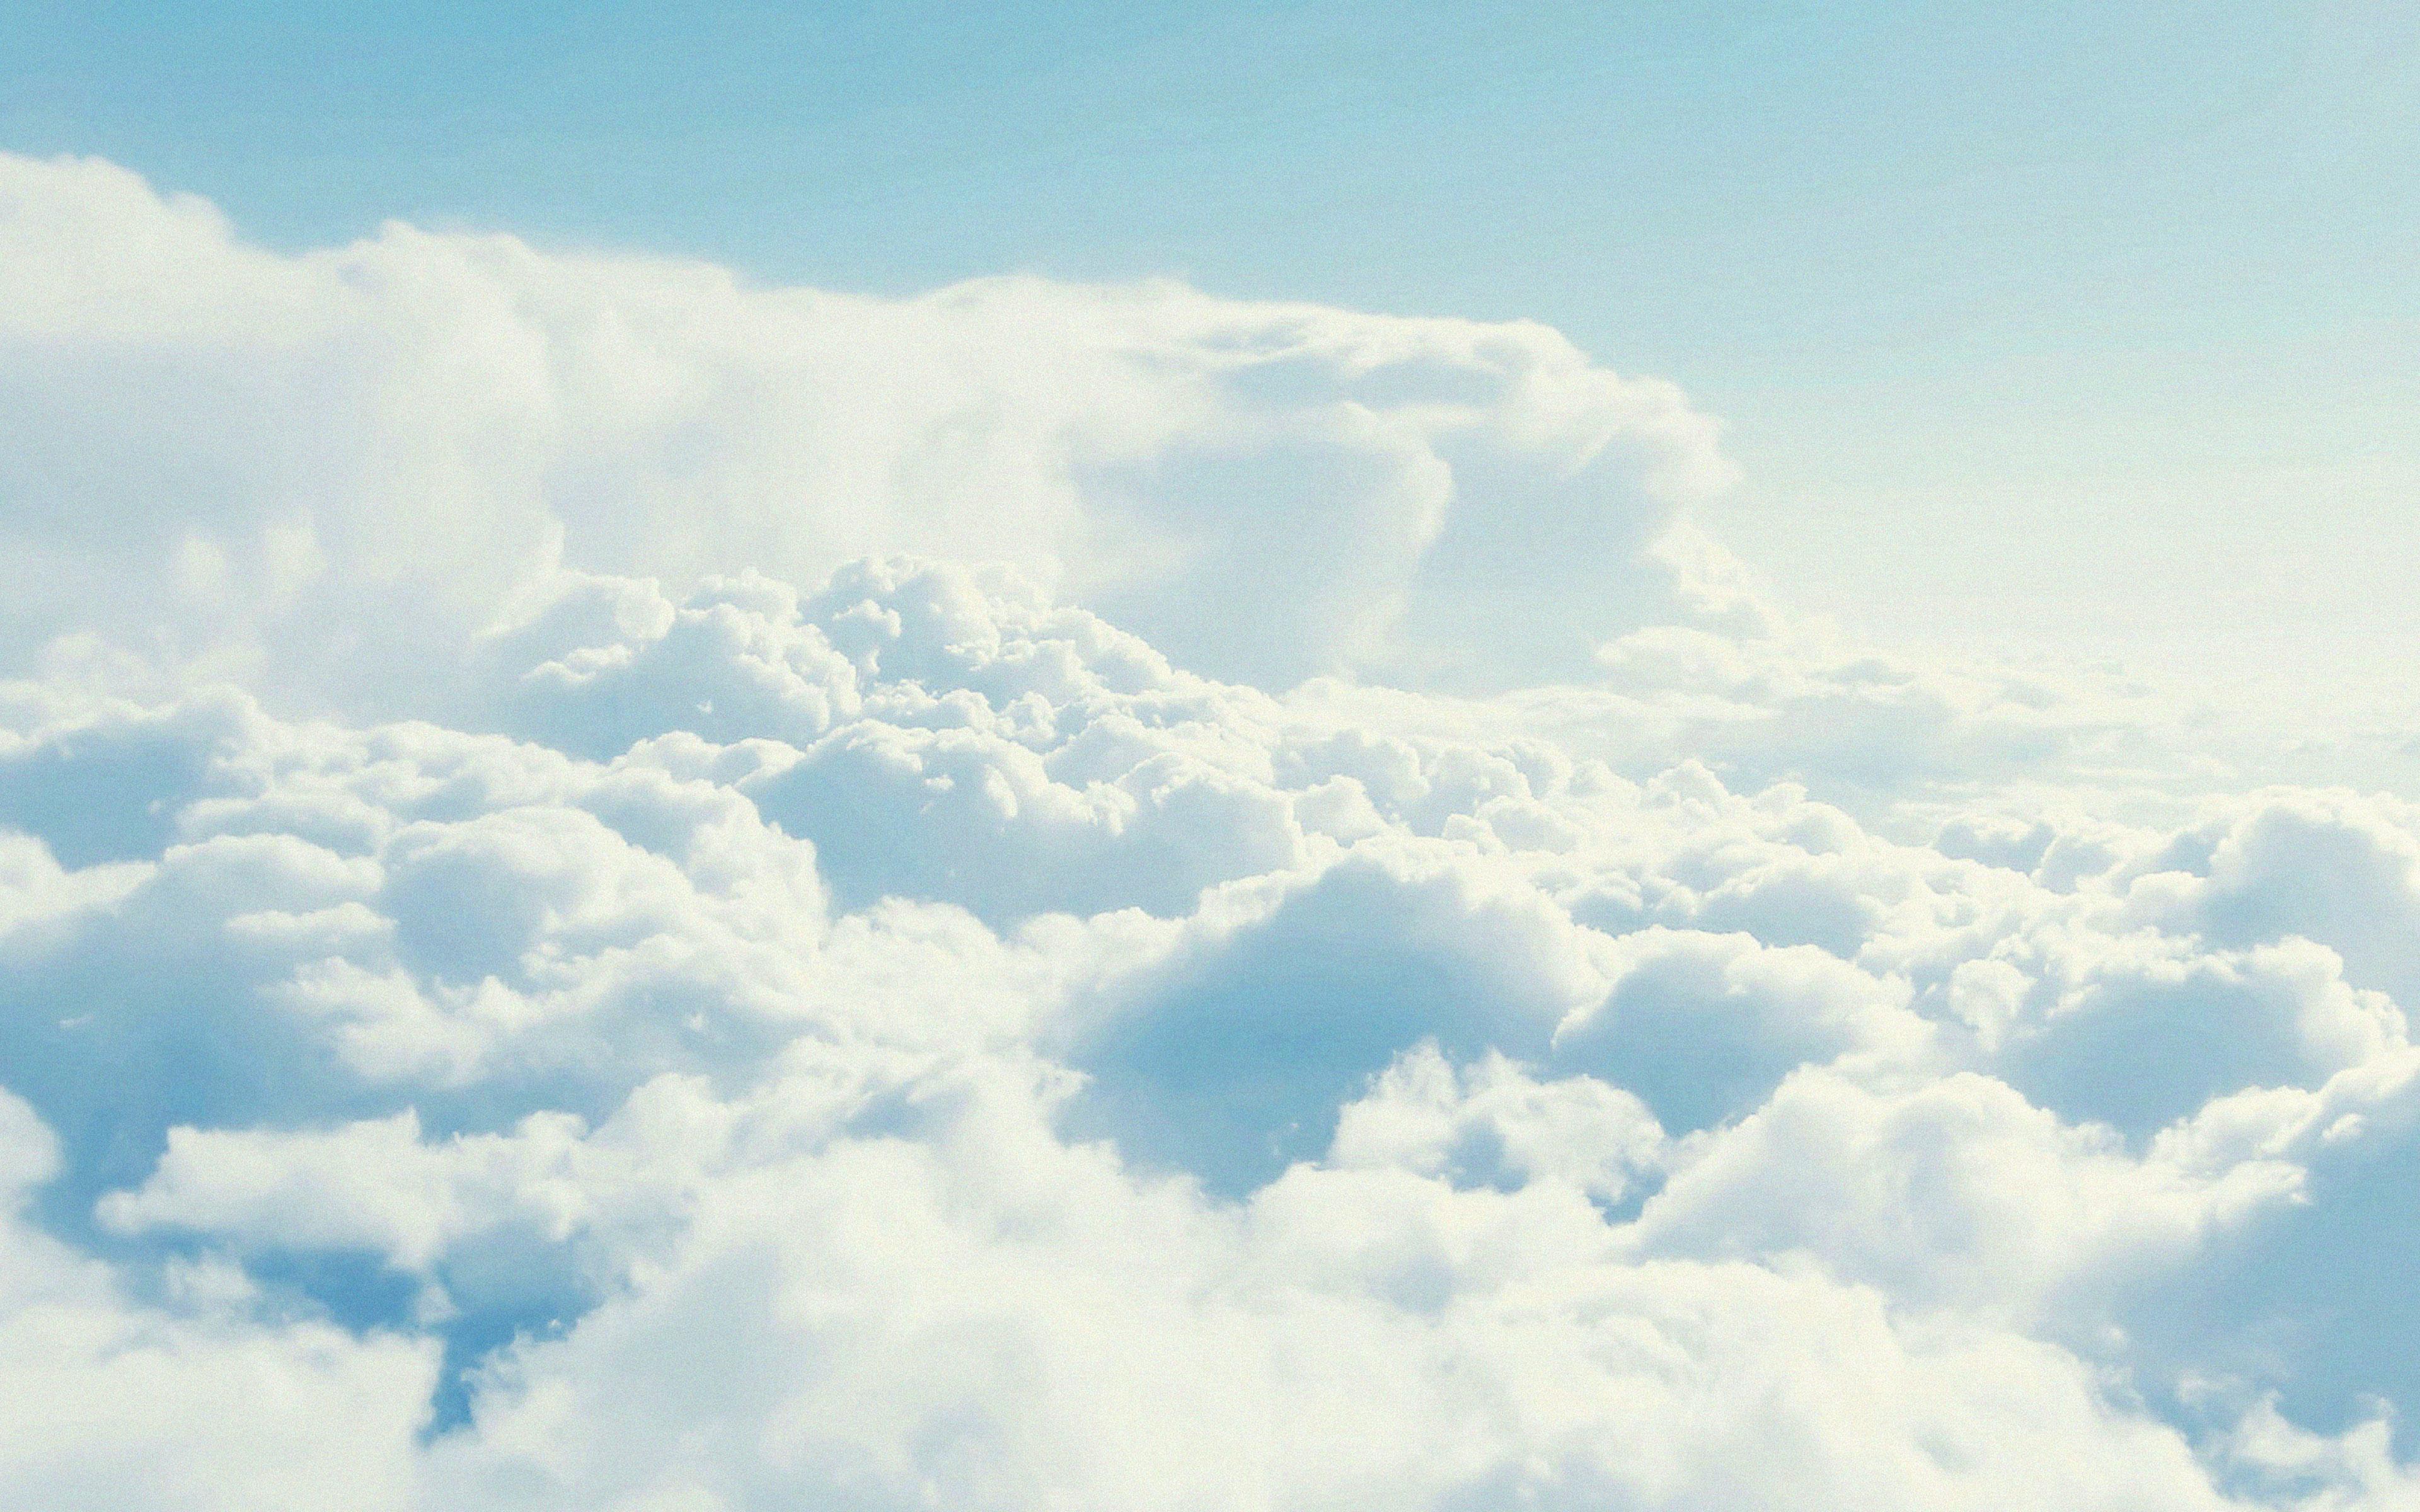 Mb82-wallpaper-16-i-cloud-level-sky